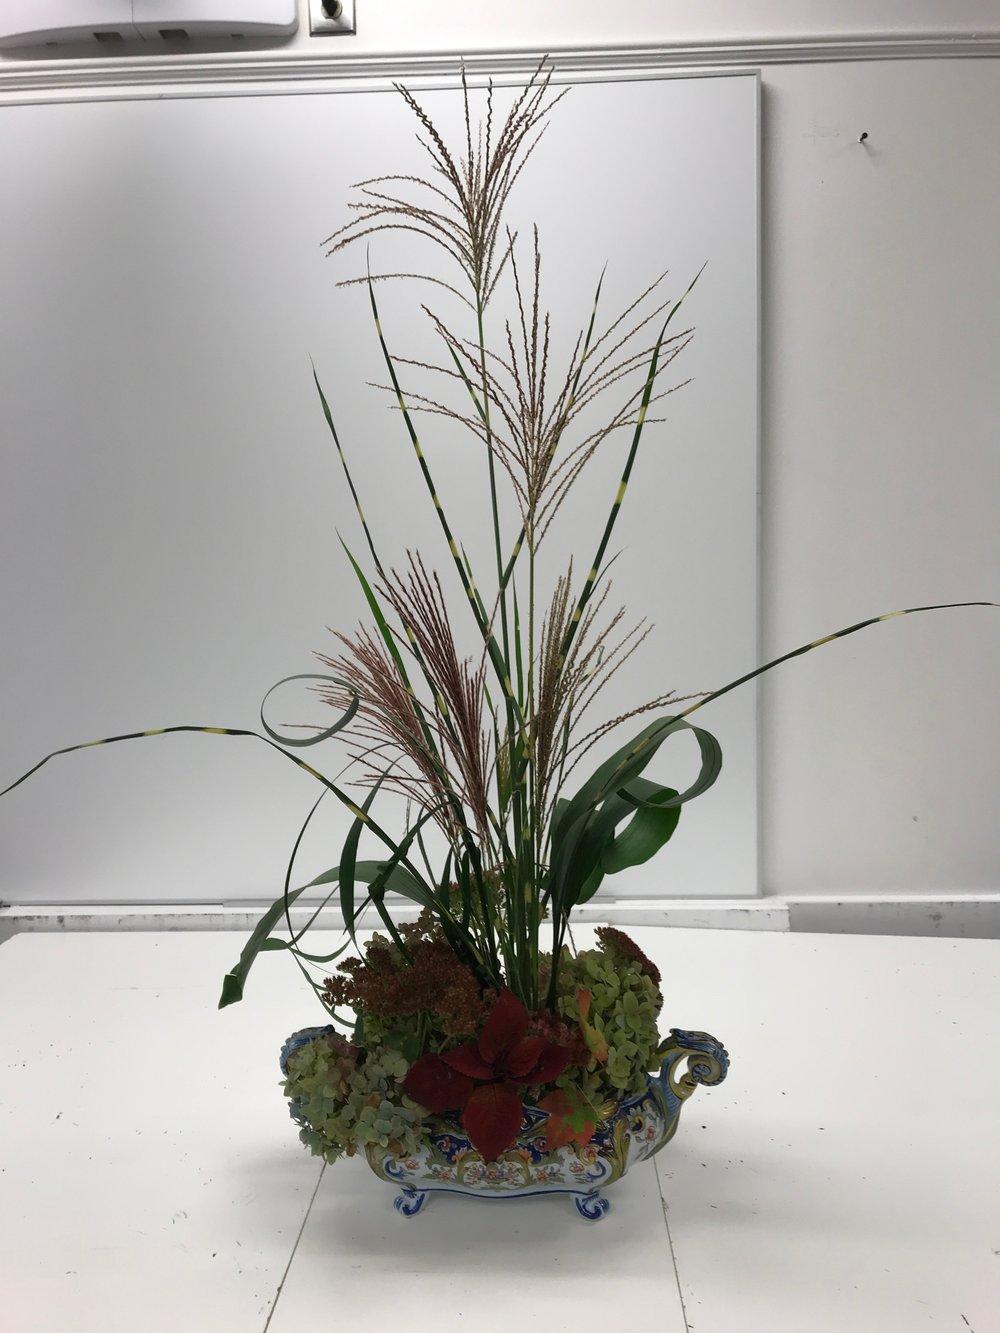 Floral workshop, 10-18-17over,  MA, October 18, 2017 - 1 of 16 (7).jpg